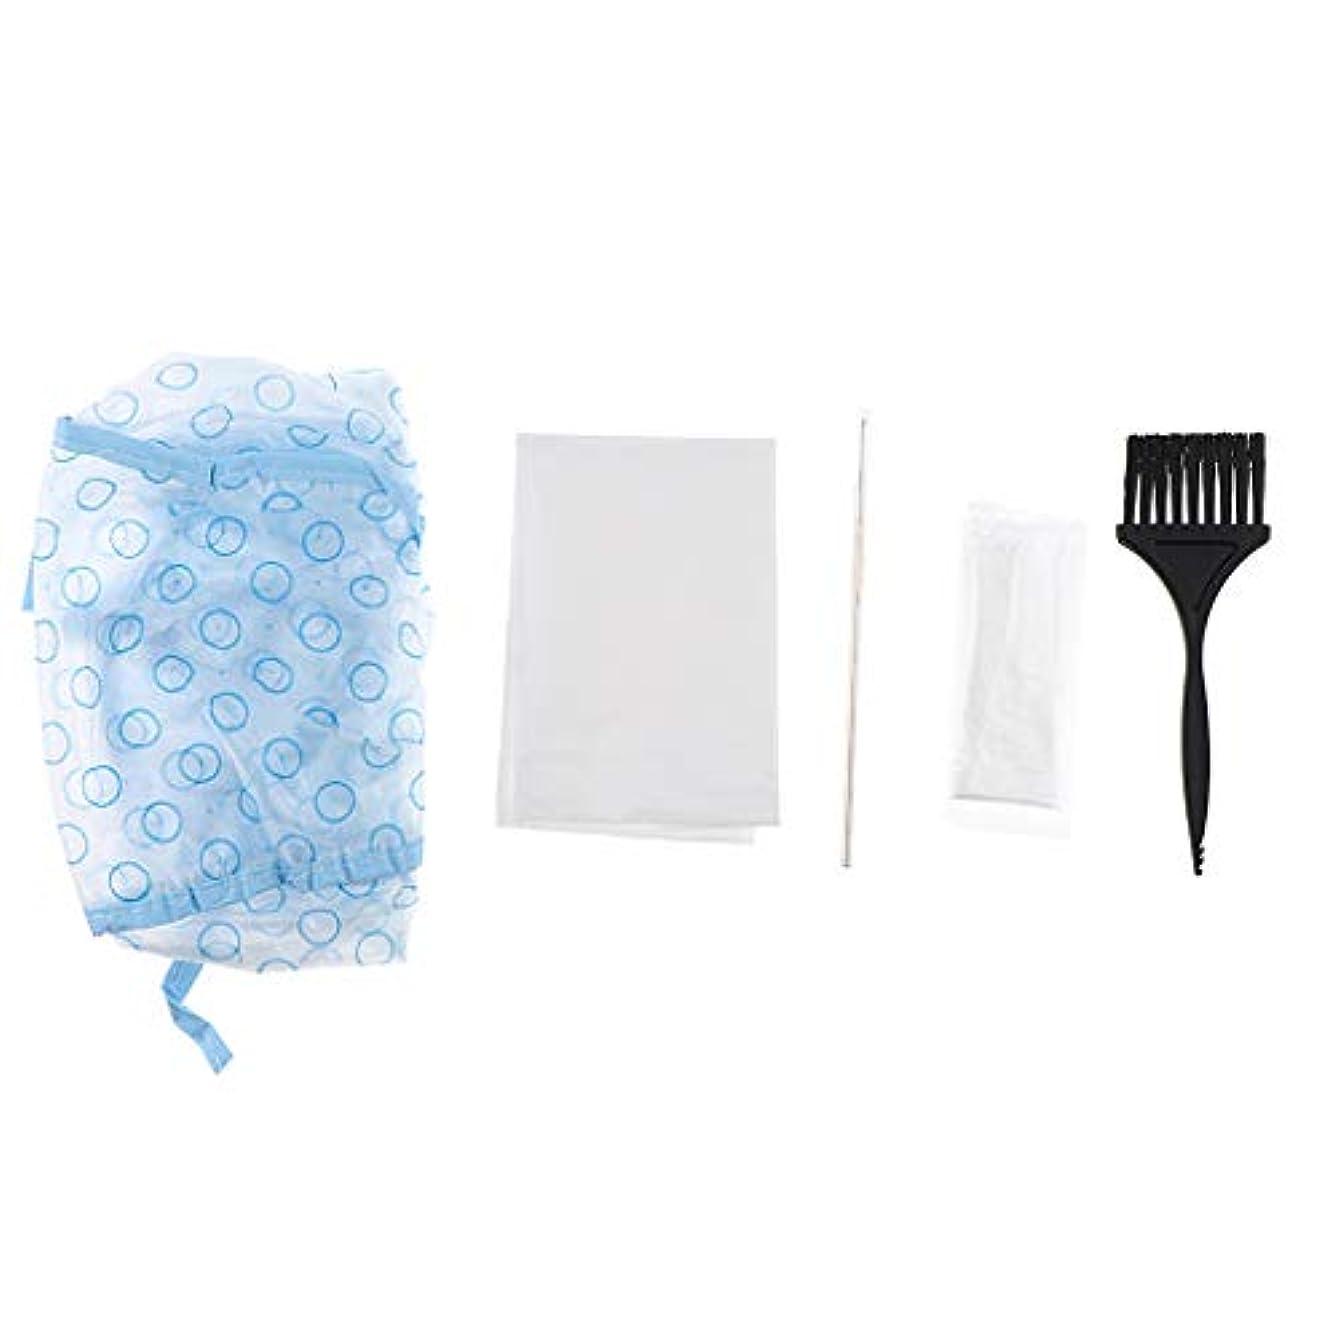 ペア確かに優れたヘアダイキャップ ヘアダイブラシ キャップ 手袋 ケープ 毛染めツールセット 5個